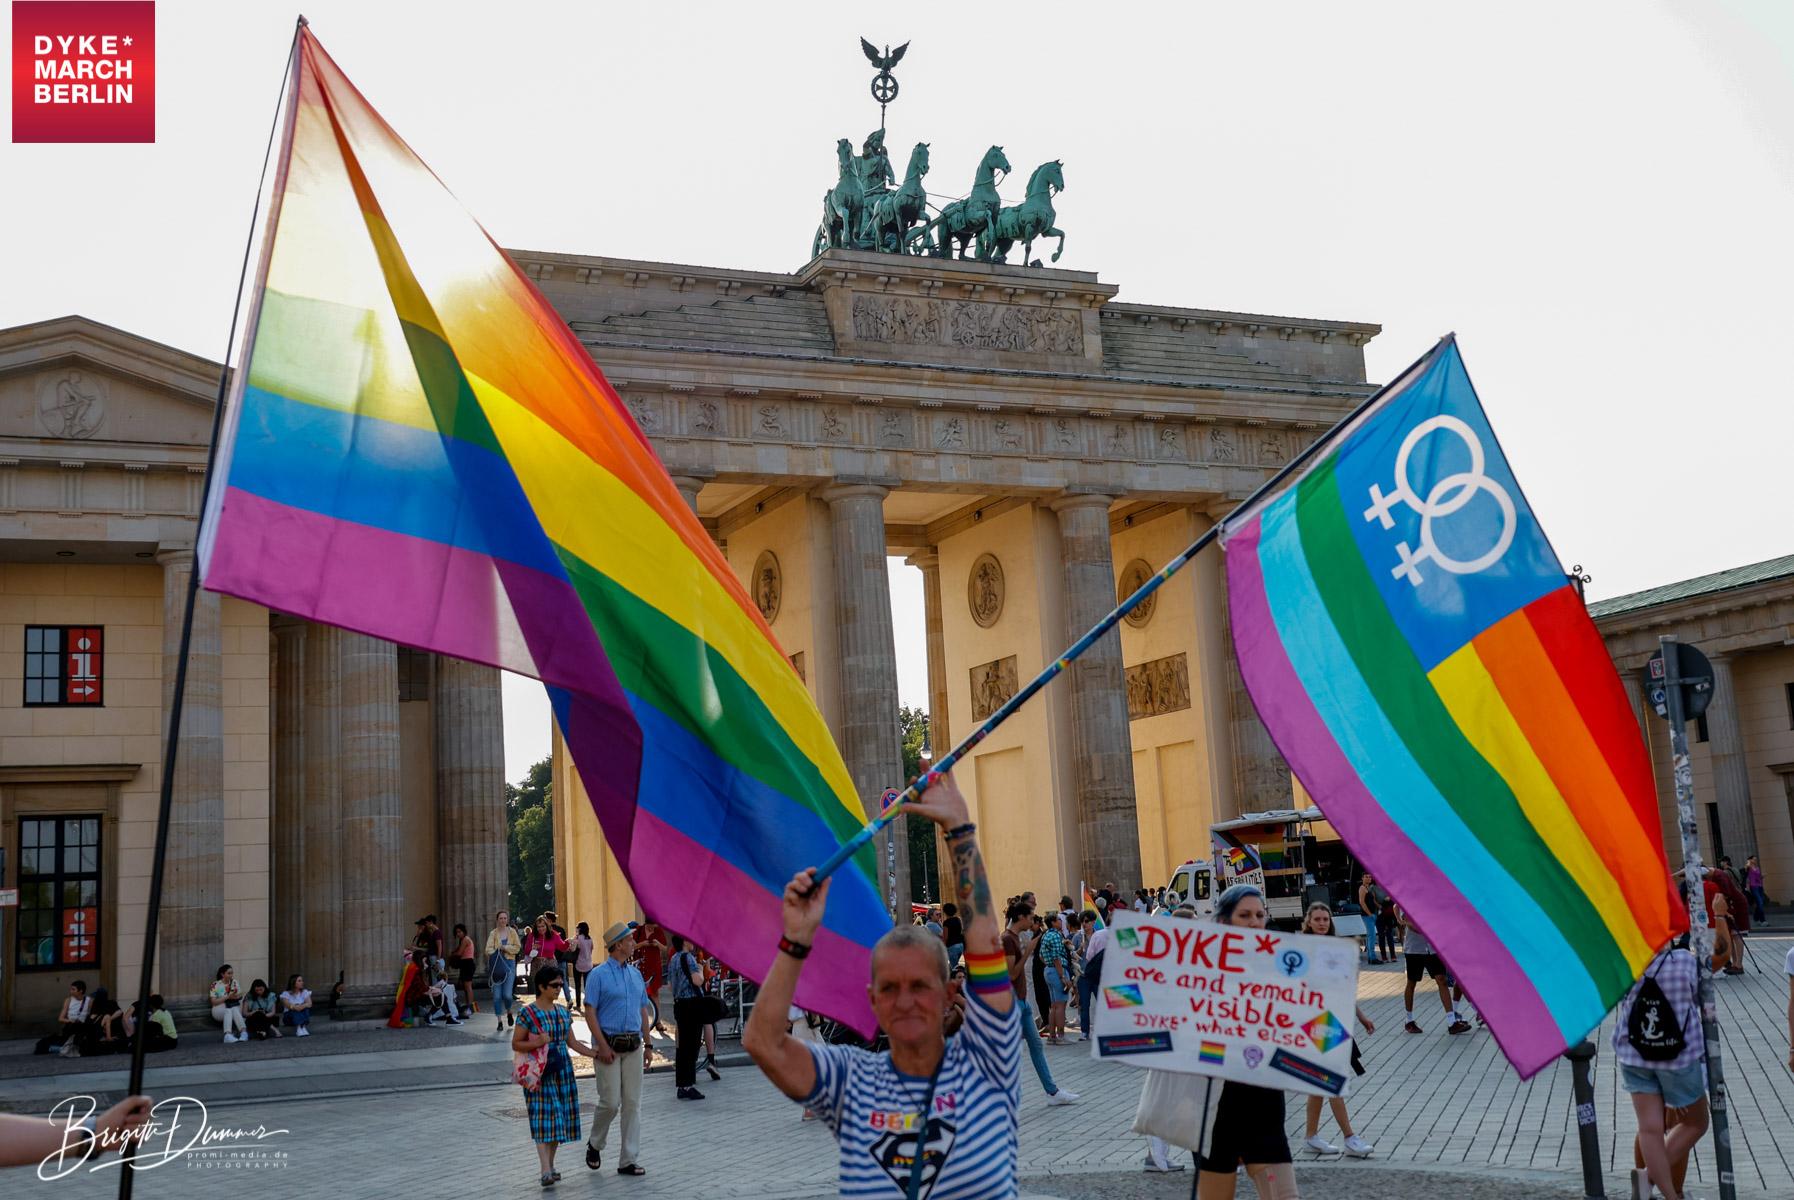 Dyke* March Berlin